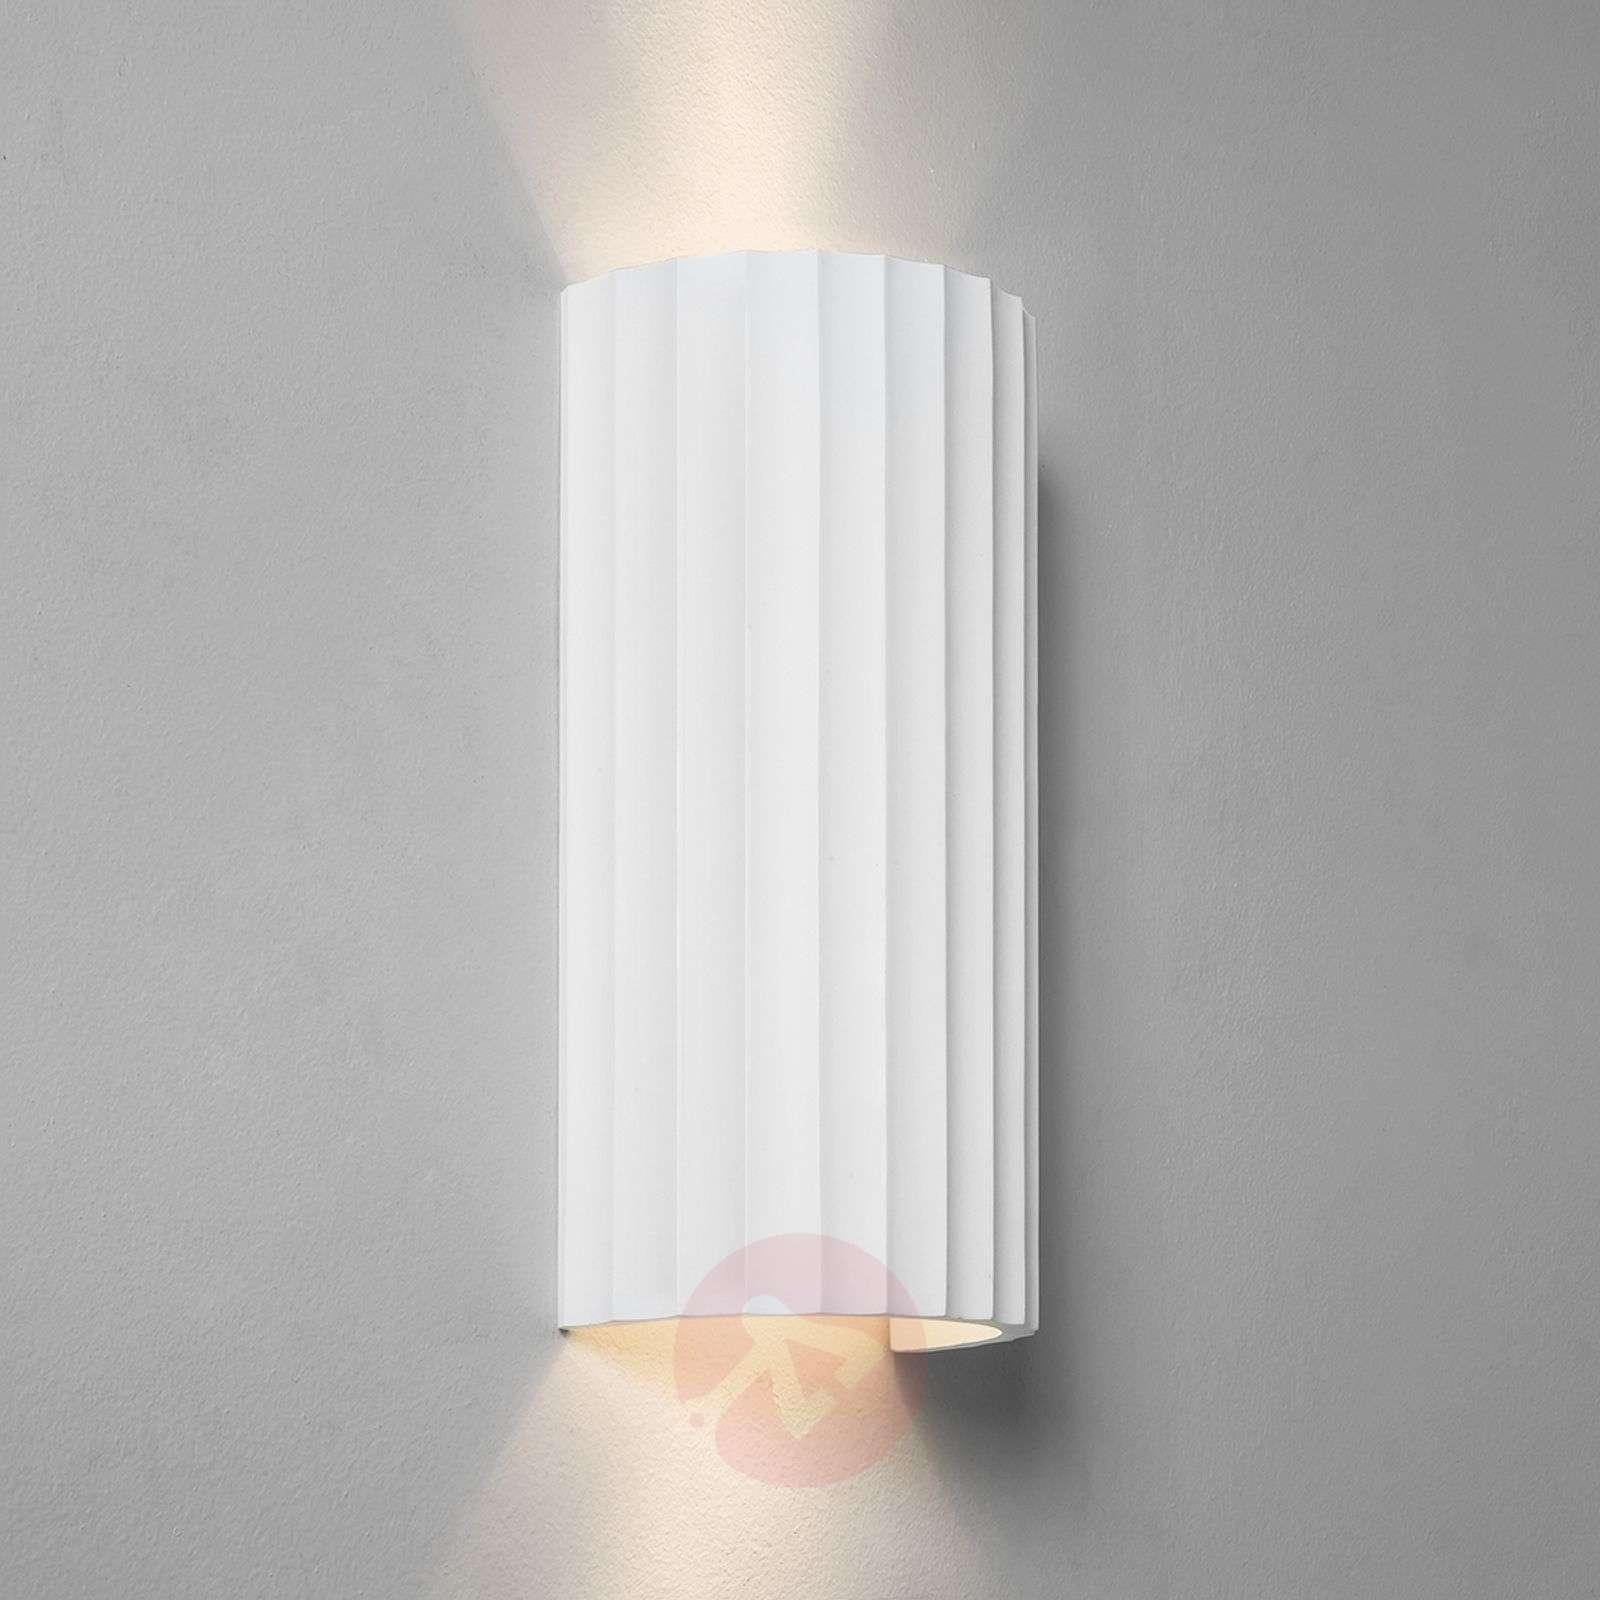 Kymi 300 Wall Light Plaster-1020503-03